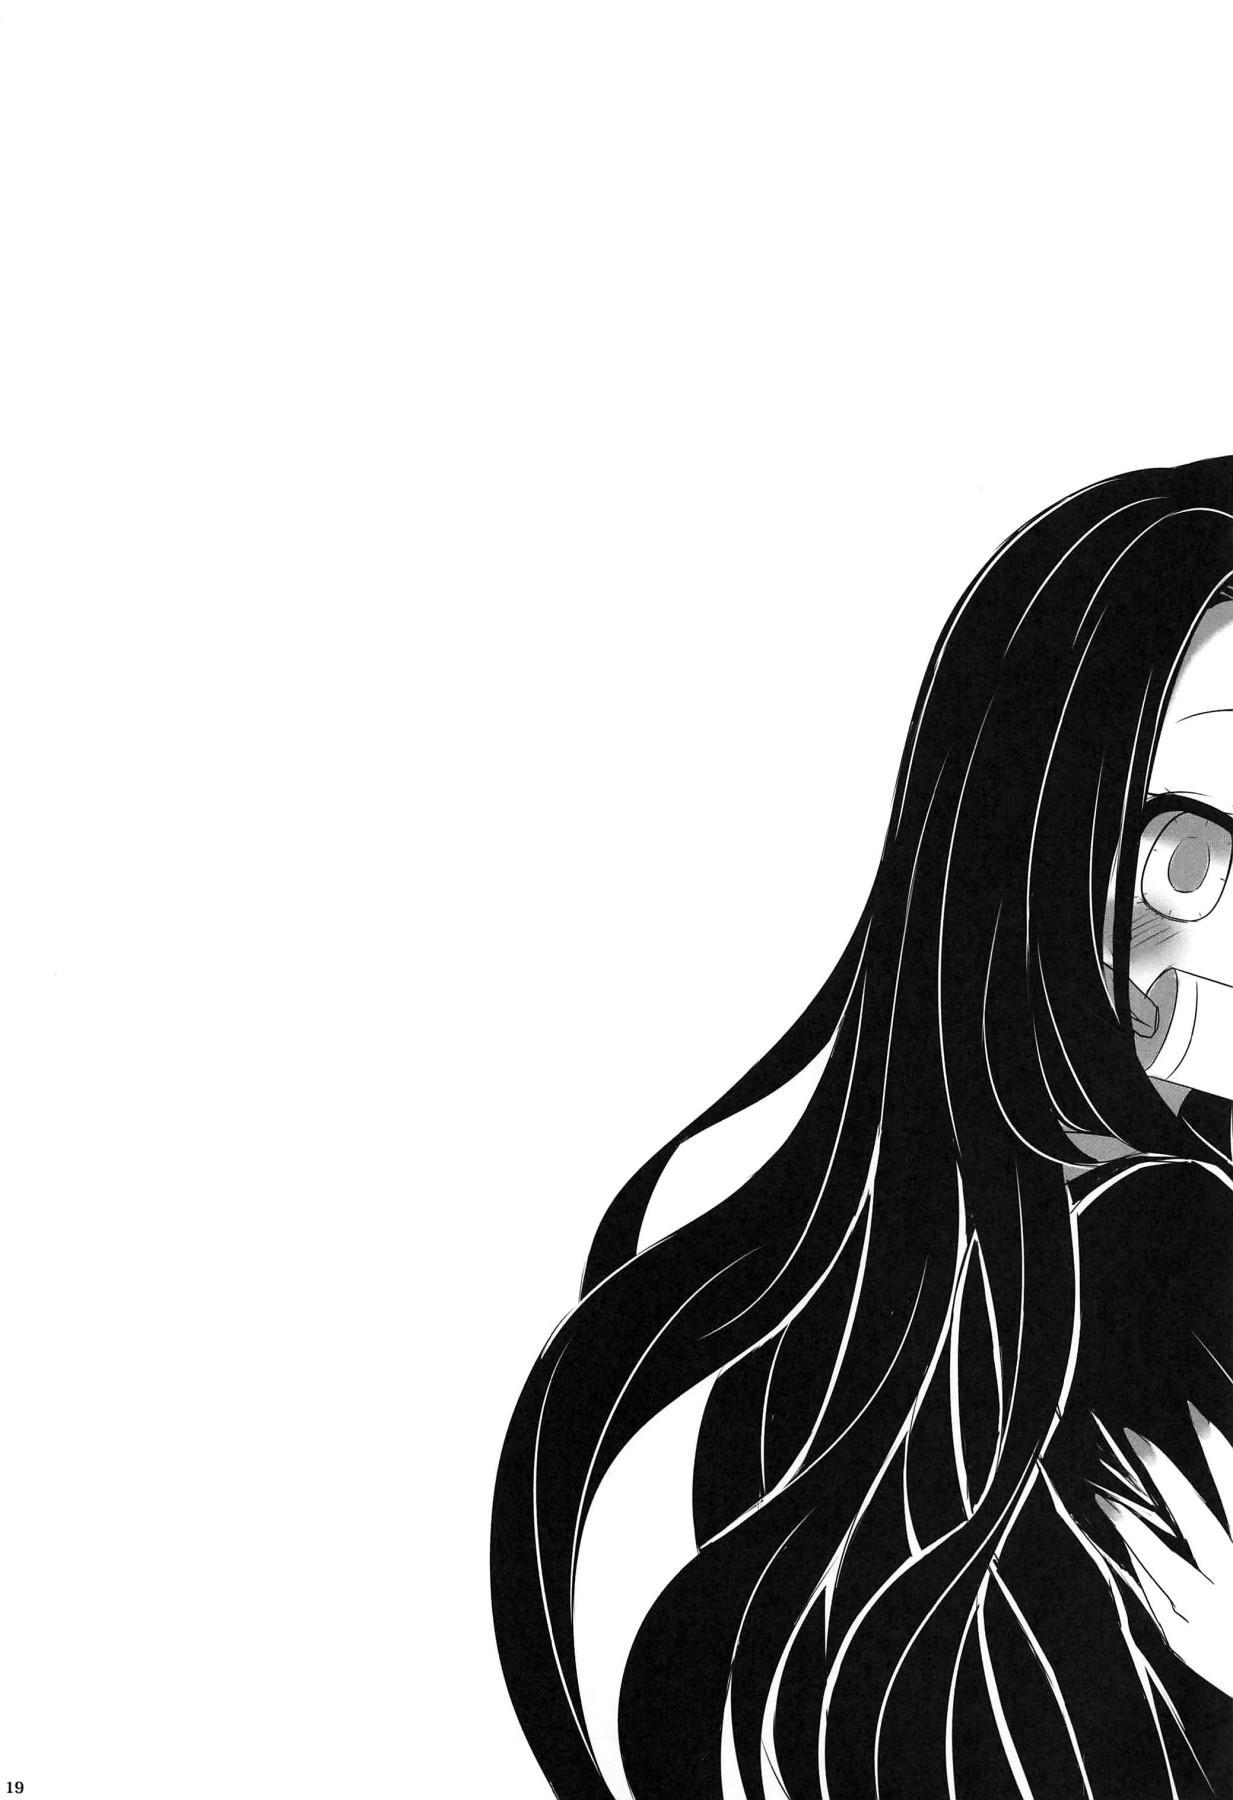 Saikin, Imouto no Yousu ga Chotto Okashiin daga. 18